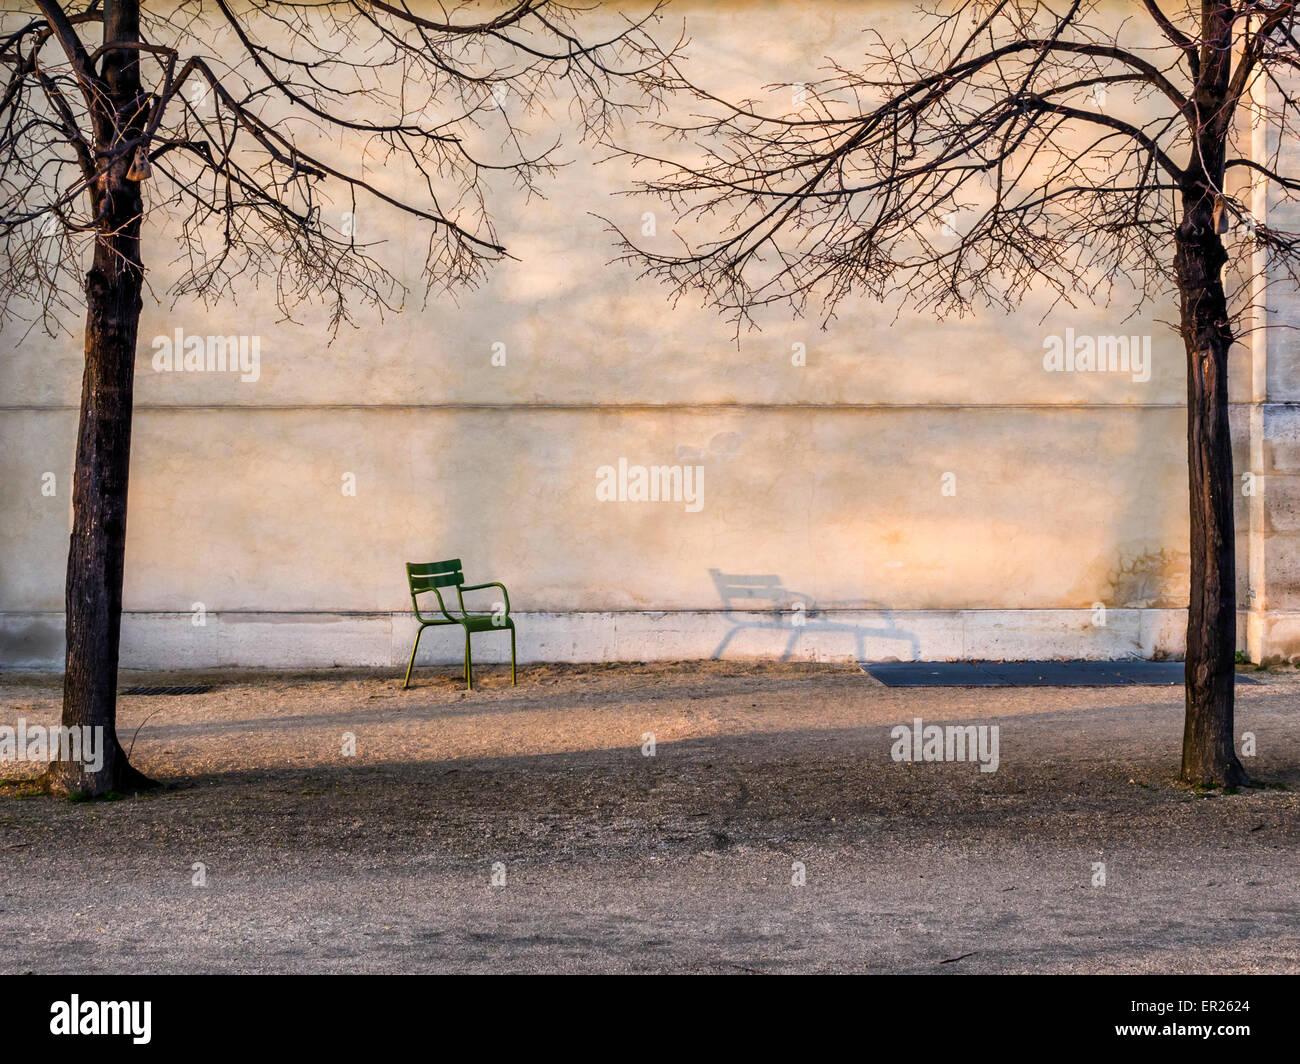 Una solitaria silla junto al Musée de l'Orangerie, La Terrasse du bord de l'Eau, Jardines de las Tullerías, París Foto de stock